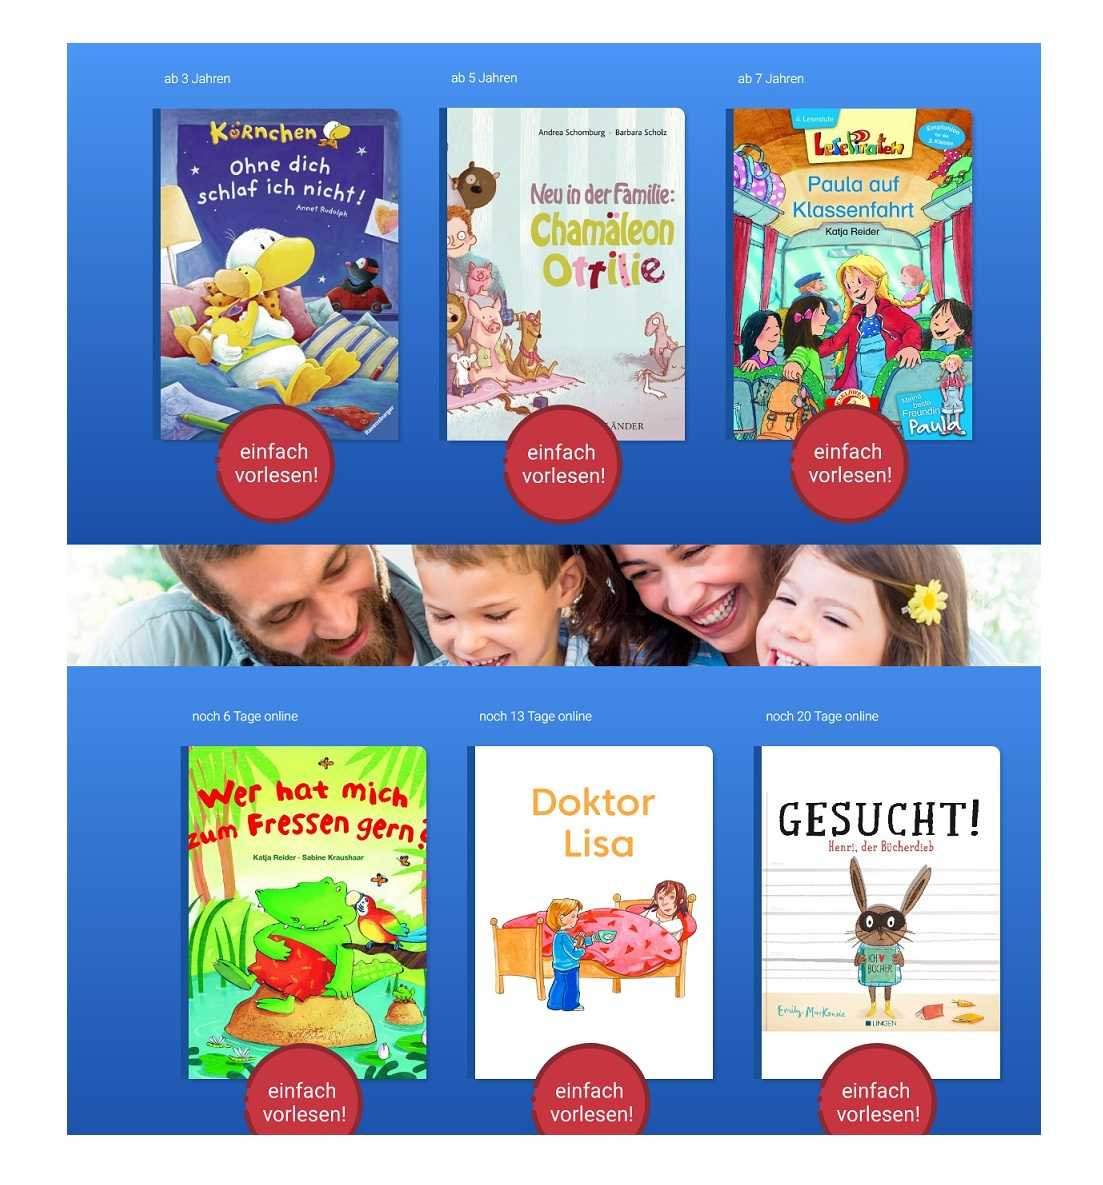 einfach schoen einfach vorlesen kinderbuecher als pdf gratis downloaden 2